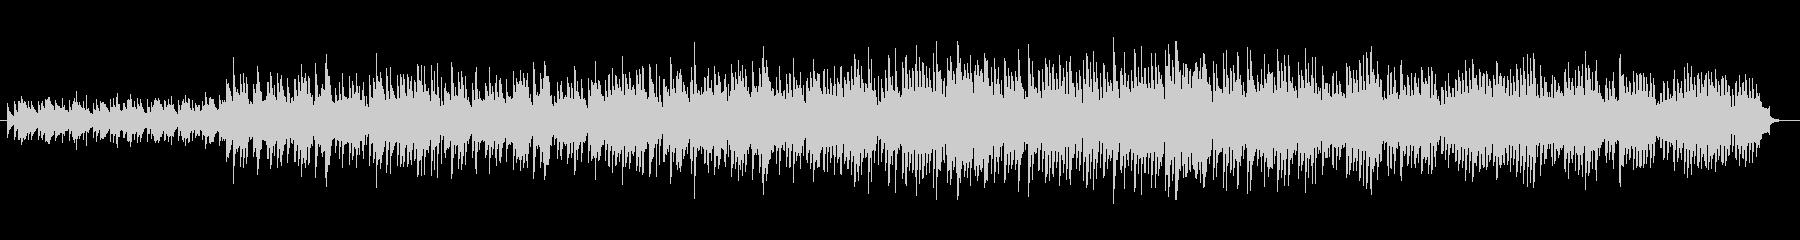 アップテンポなマリンバが印象的なインストの未再生の波形